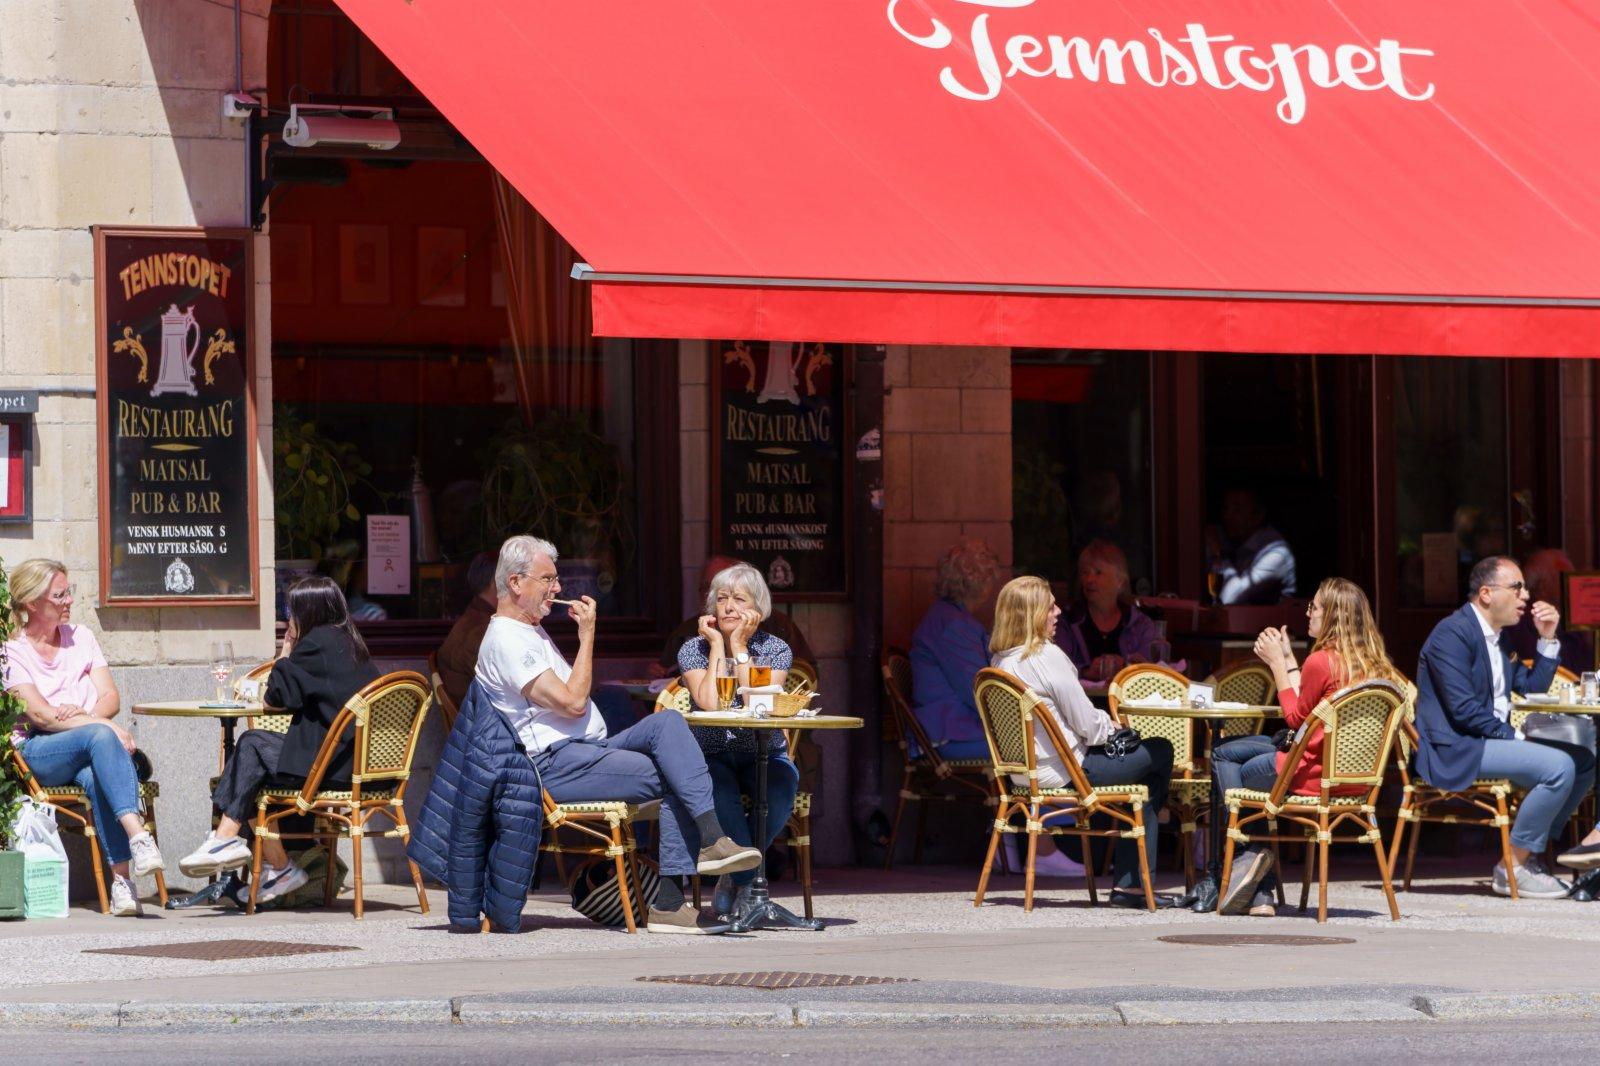 6月1日,人們在瑞典斯德哥爾摩一家餐廳的戶外就餐區用餐。(新華社)